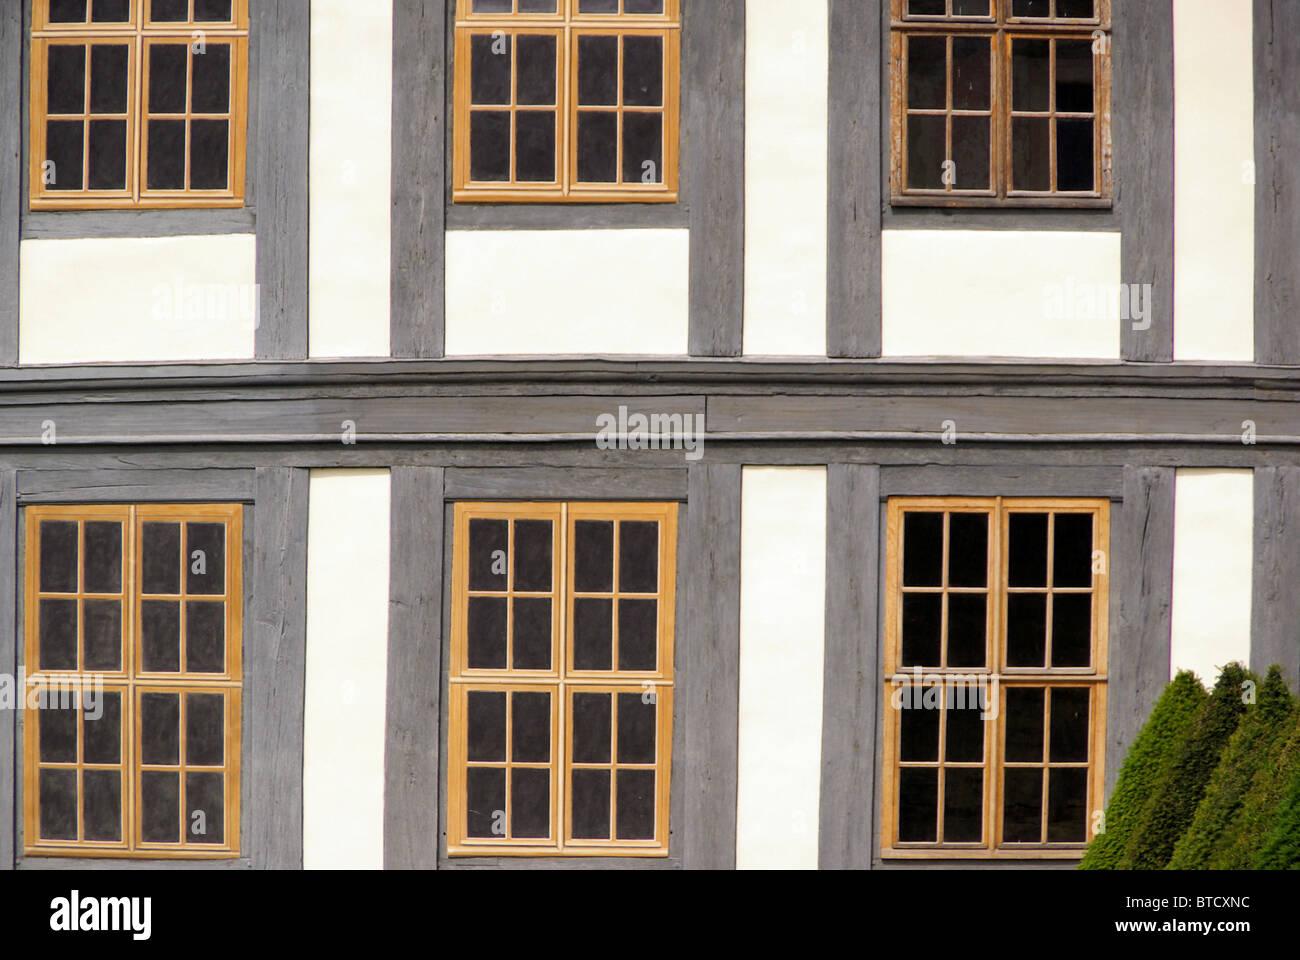 Gut gemocht Fenster-Fachwerk - Fenster Holz framing 02 Stockfoto, Bild YQ05